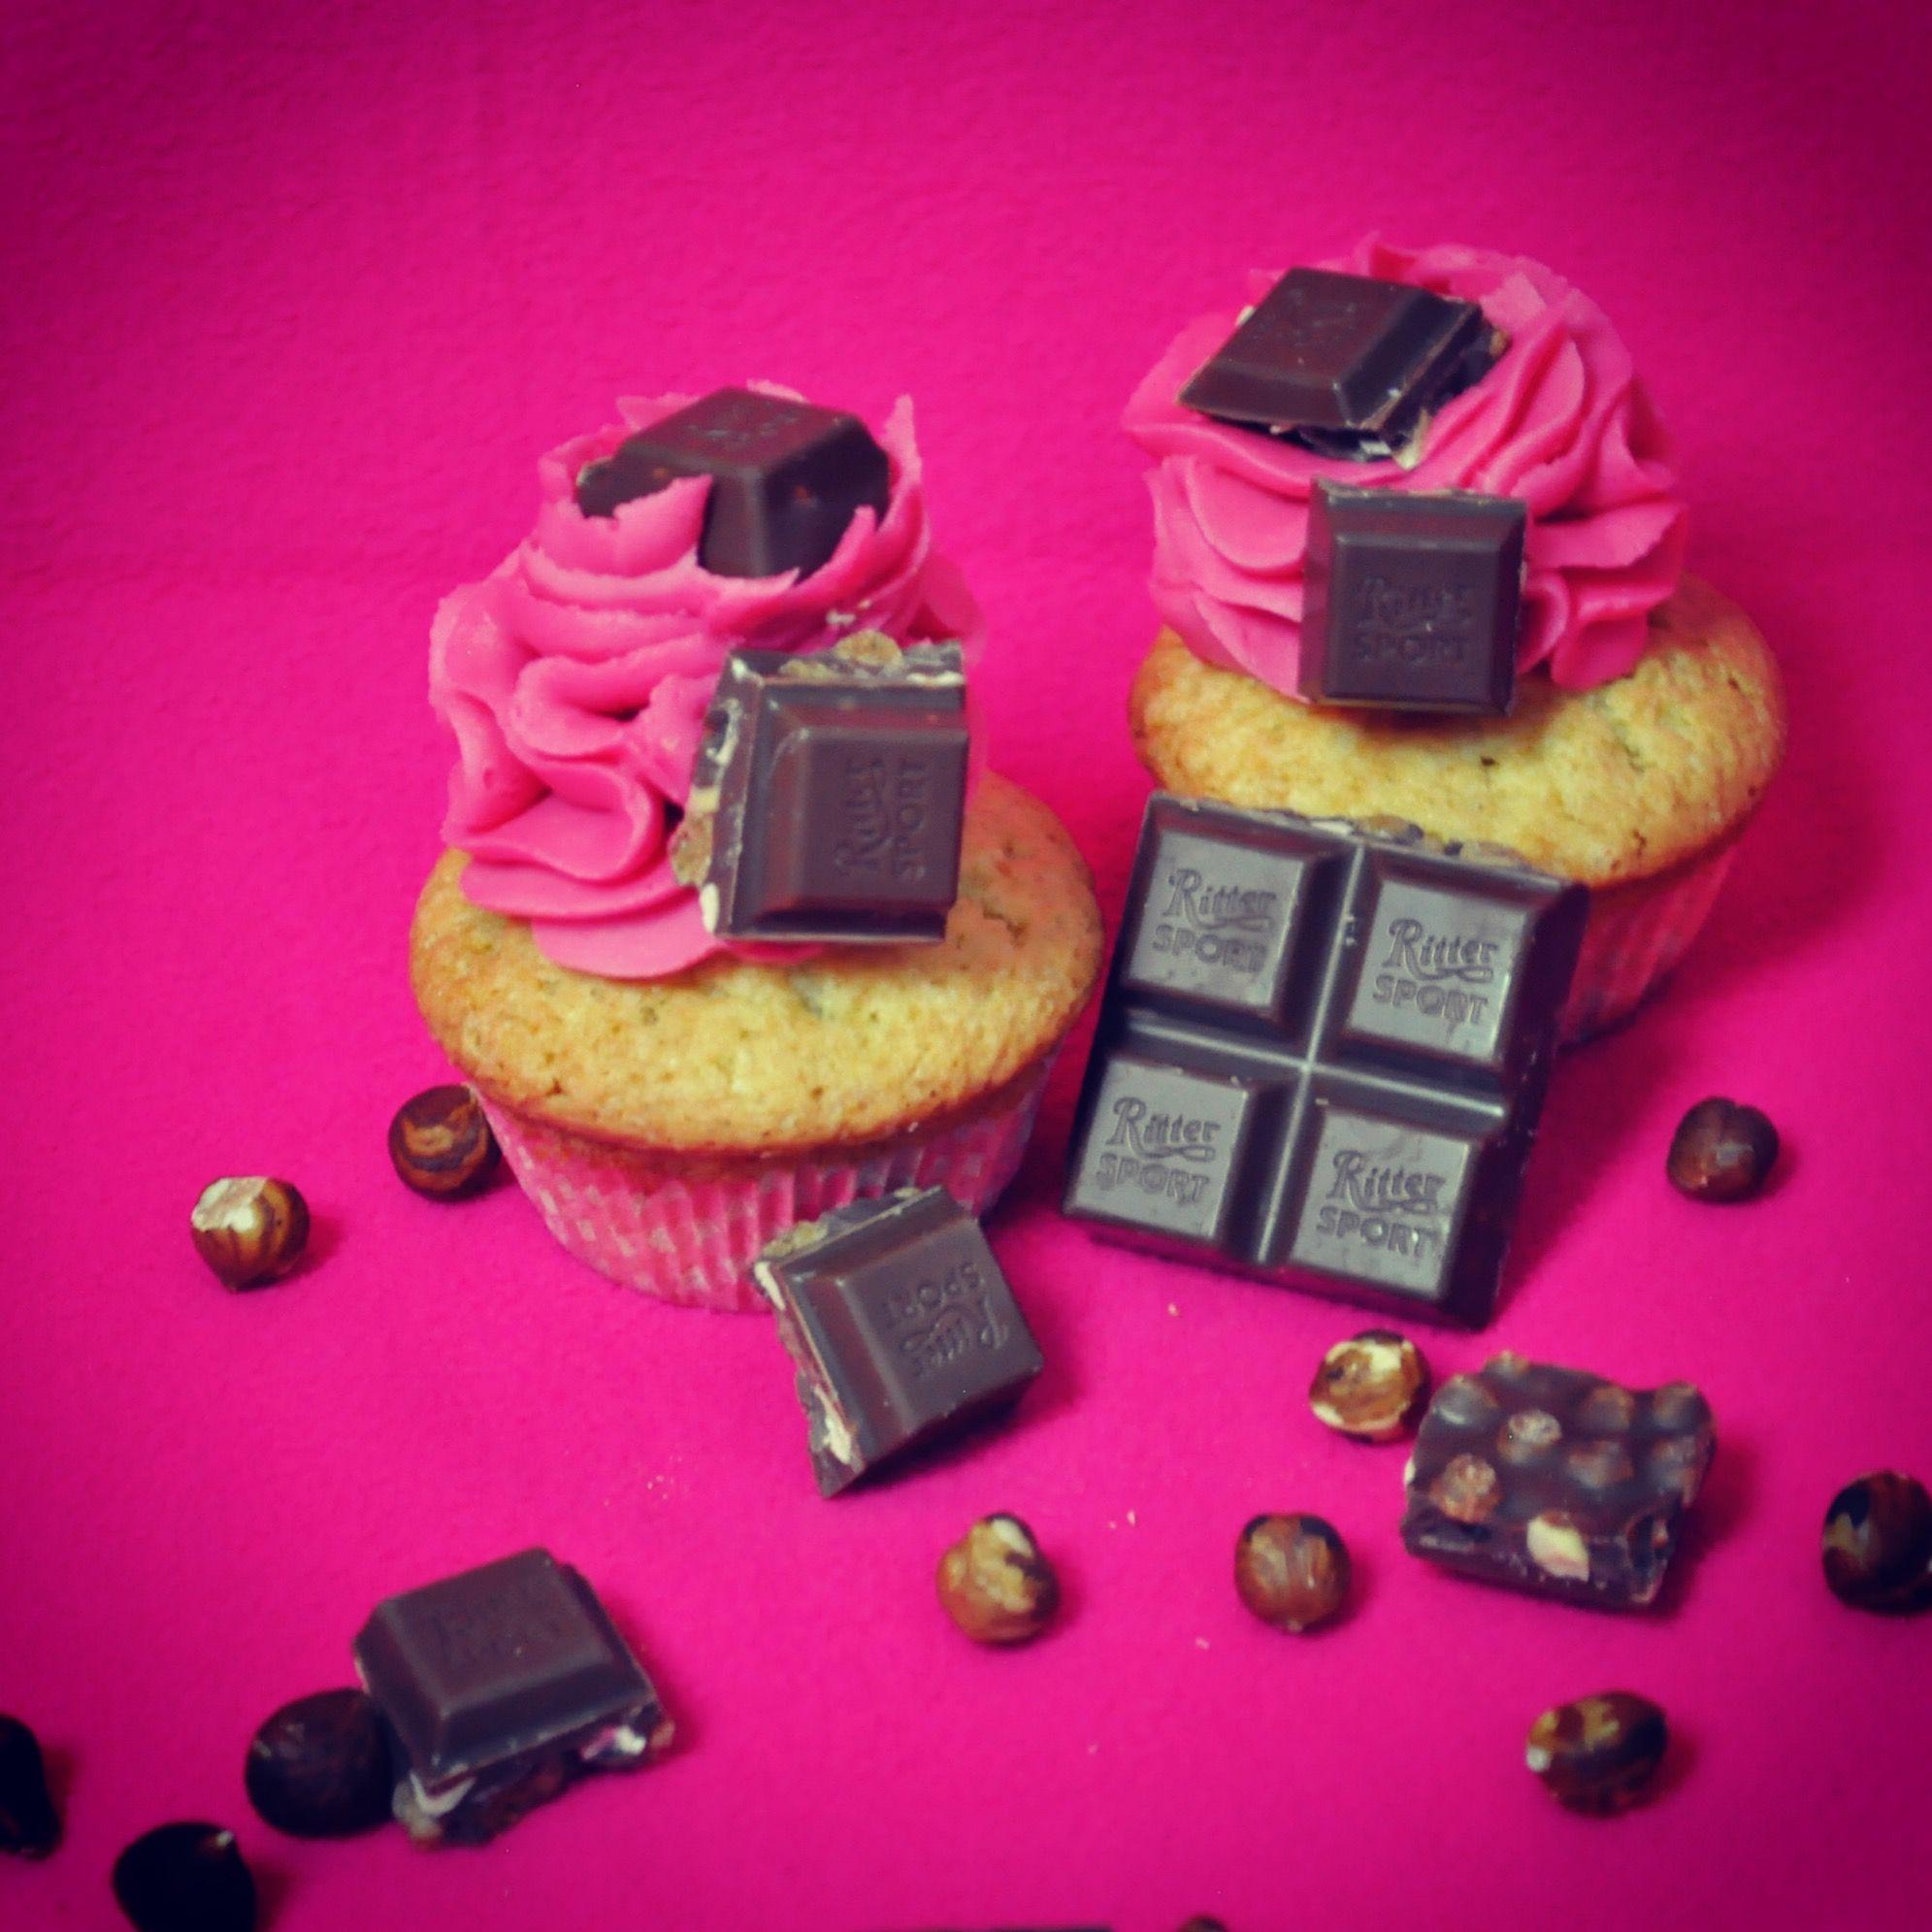 Ritter Sport VollNuss 🥜 Cupcakes dekoriert mit den